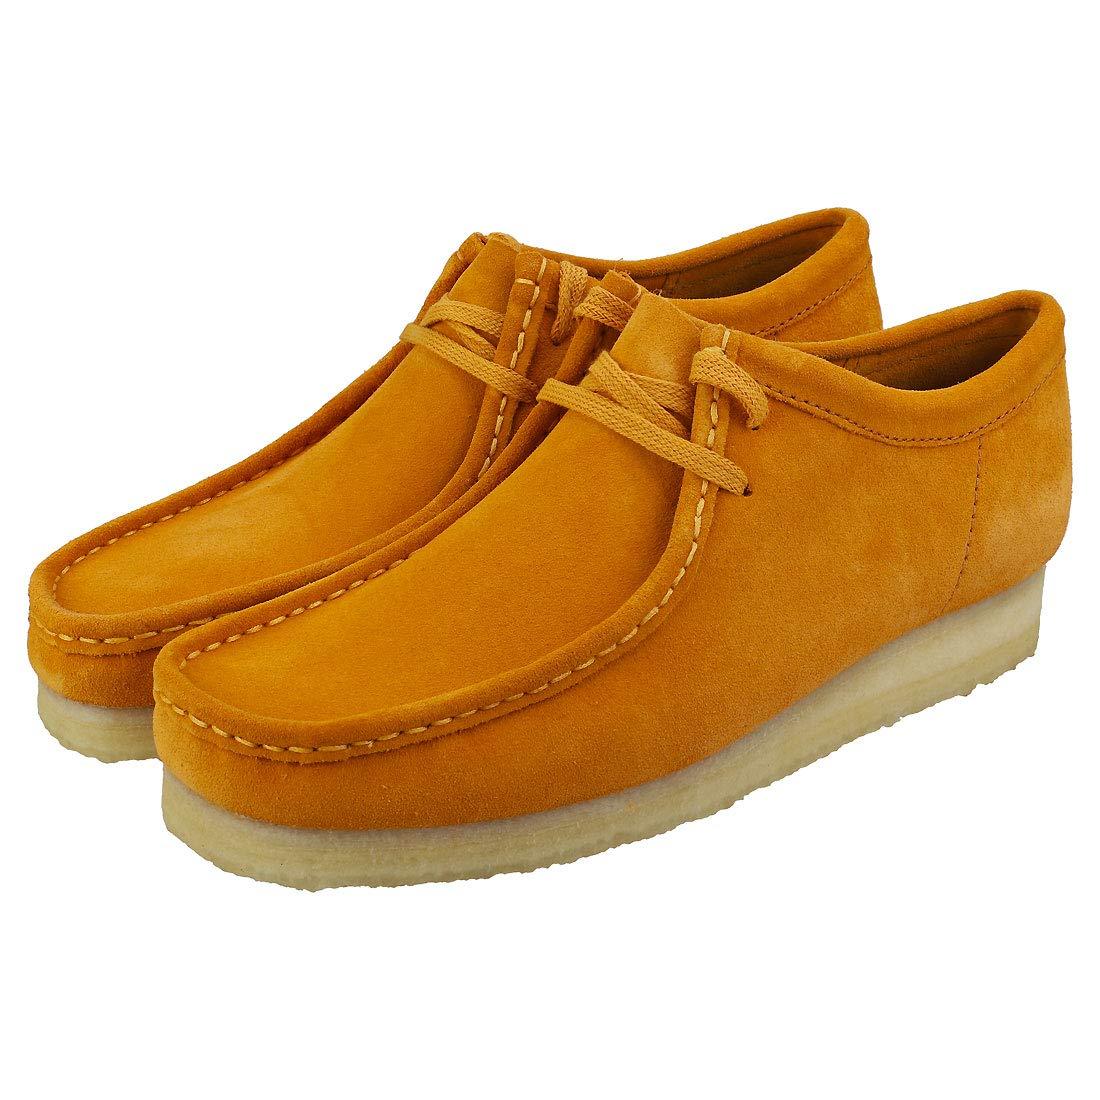 Clarks Originals Homme Wallabee Suede Chaussures